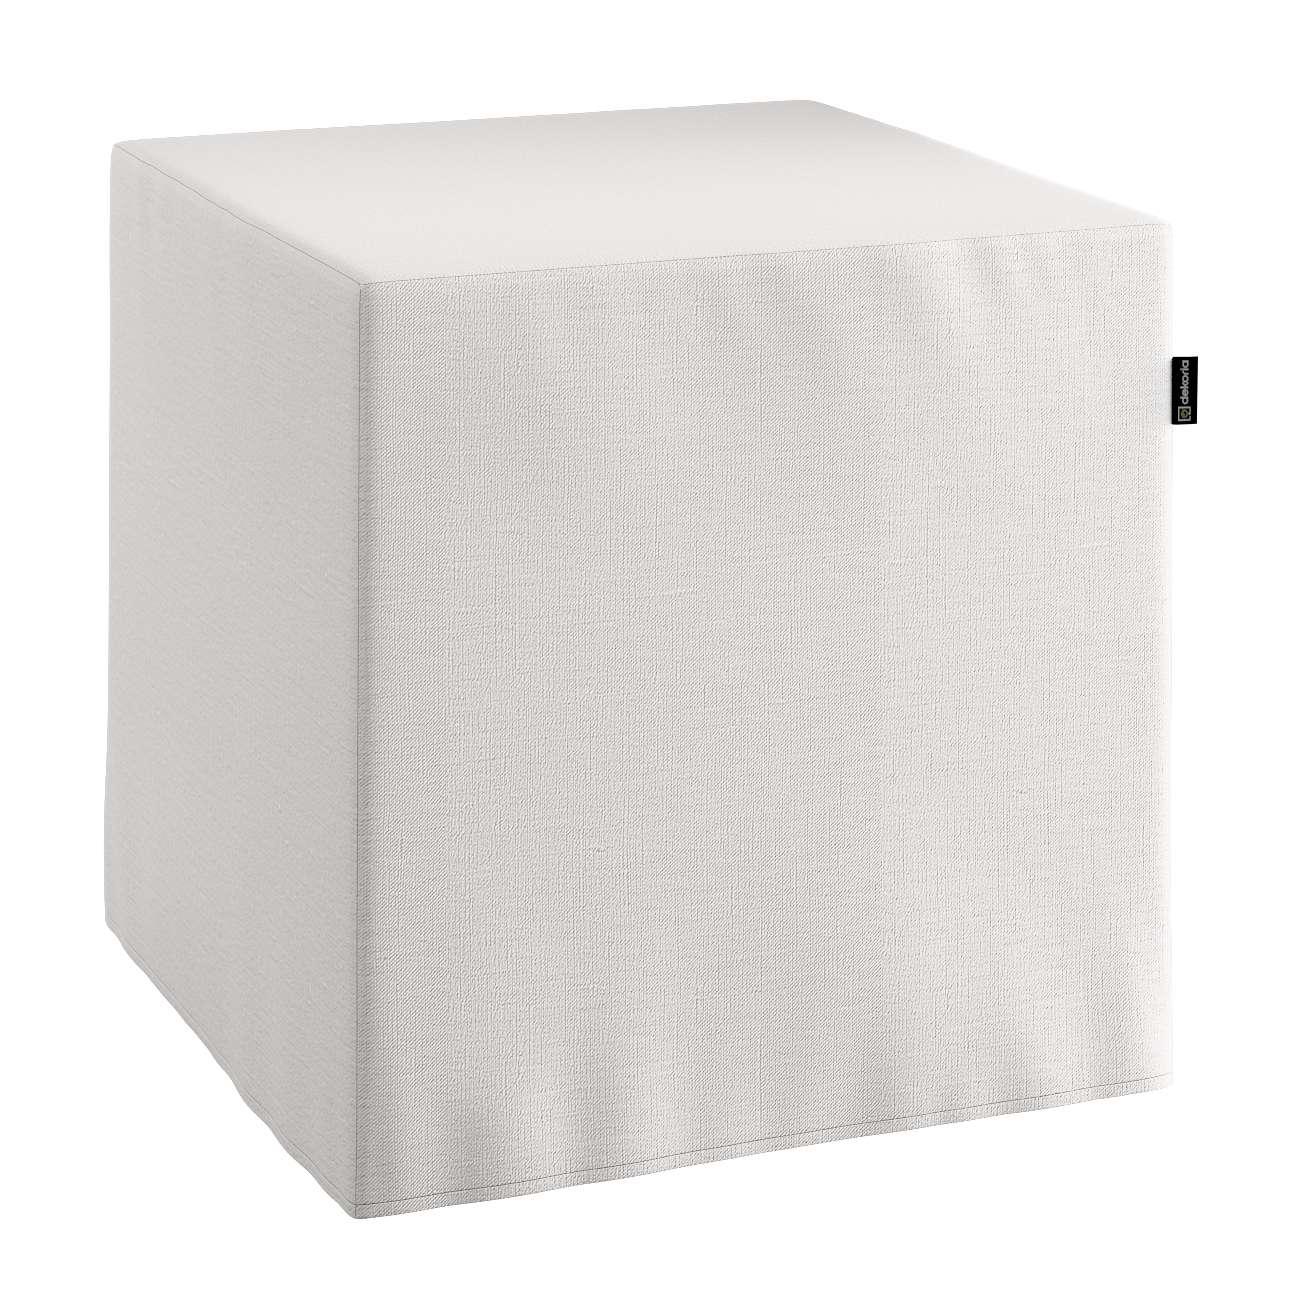 Siddepuf 40 x 40 x 40 cm fra kollektionen Linen, Stof: 392-04